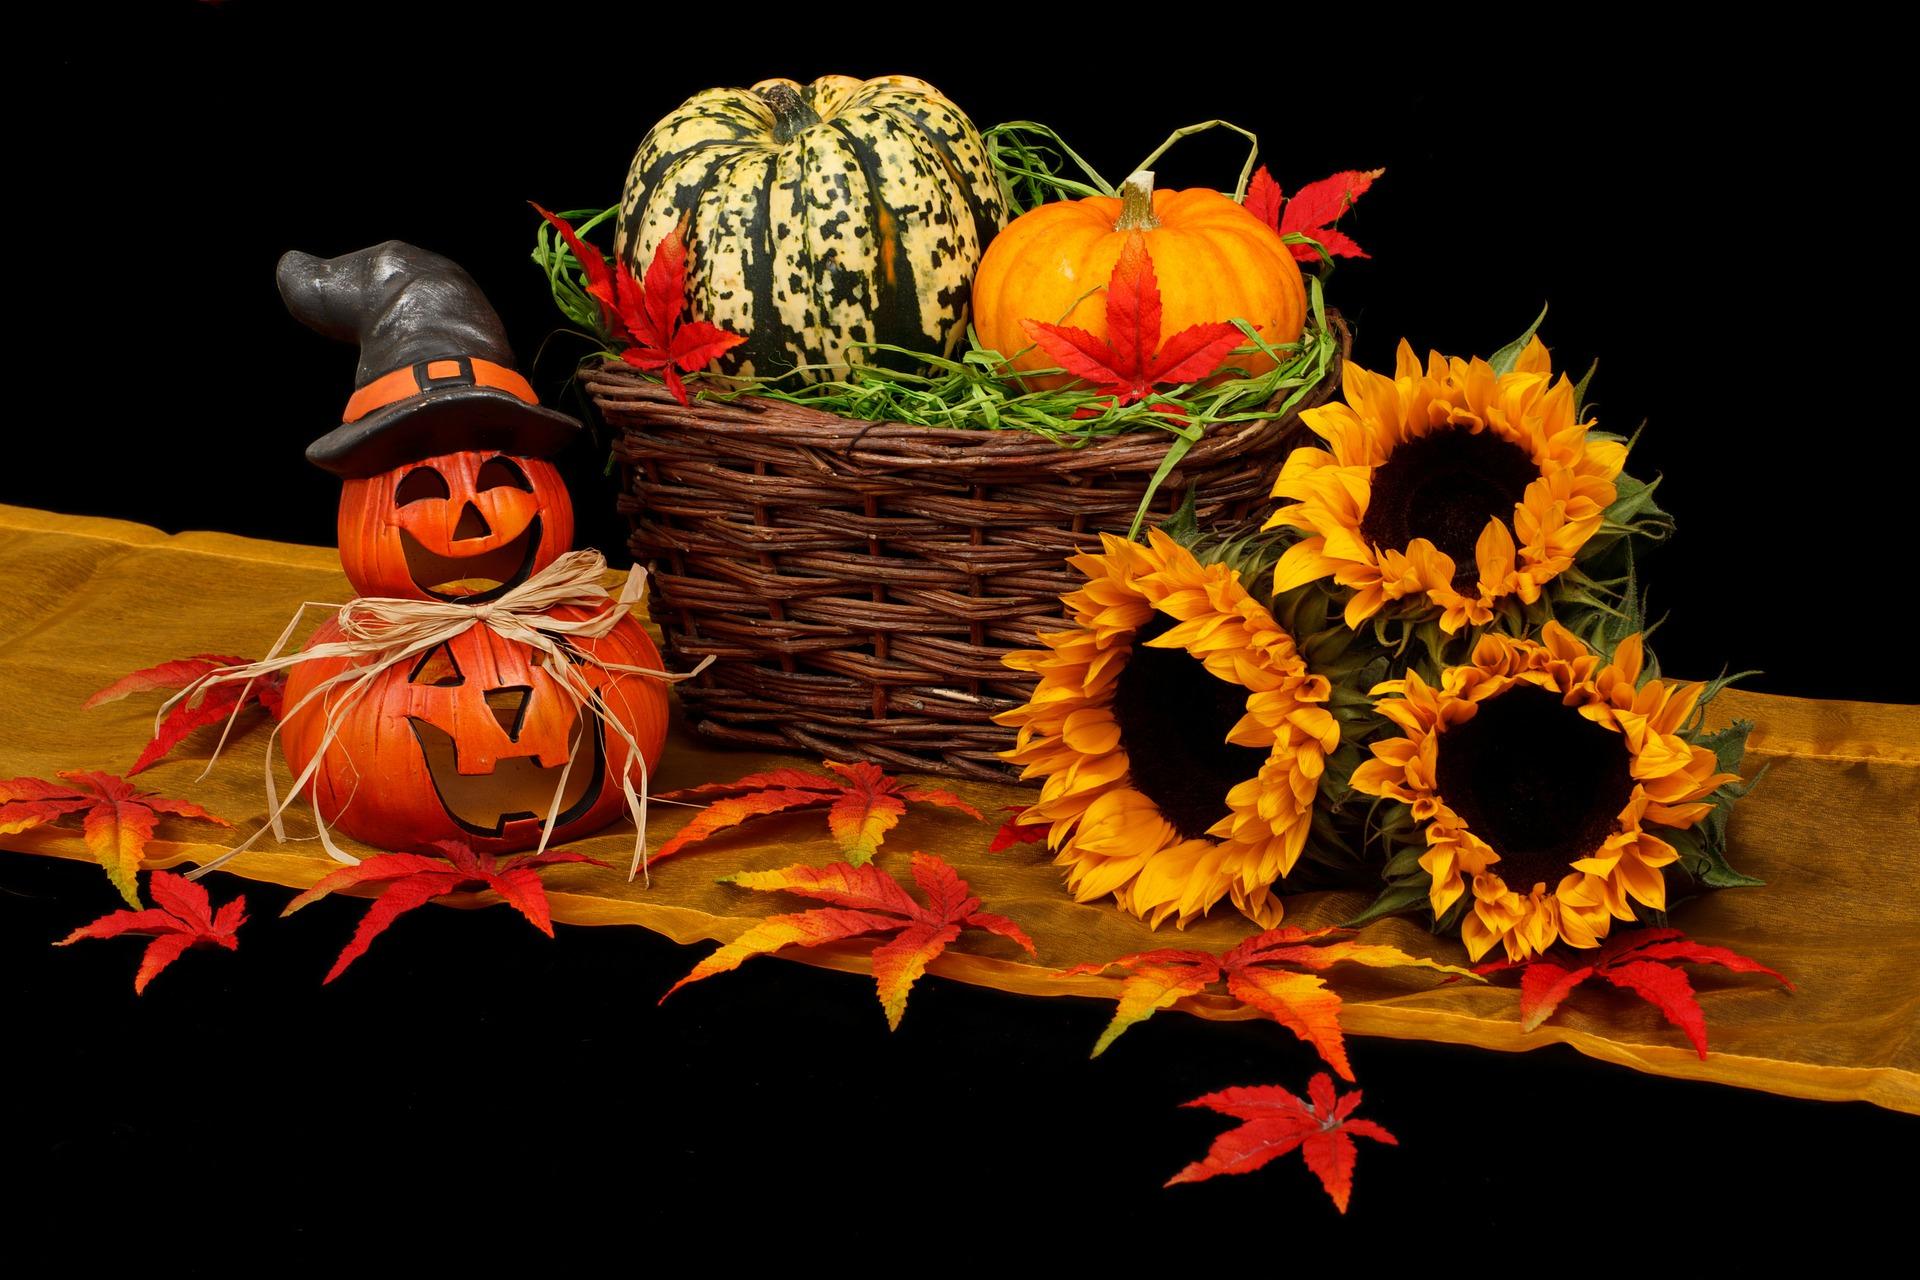 autumn-20461_1920.jpg